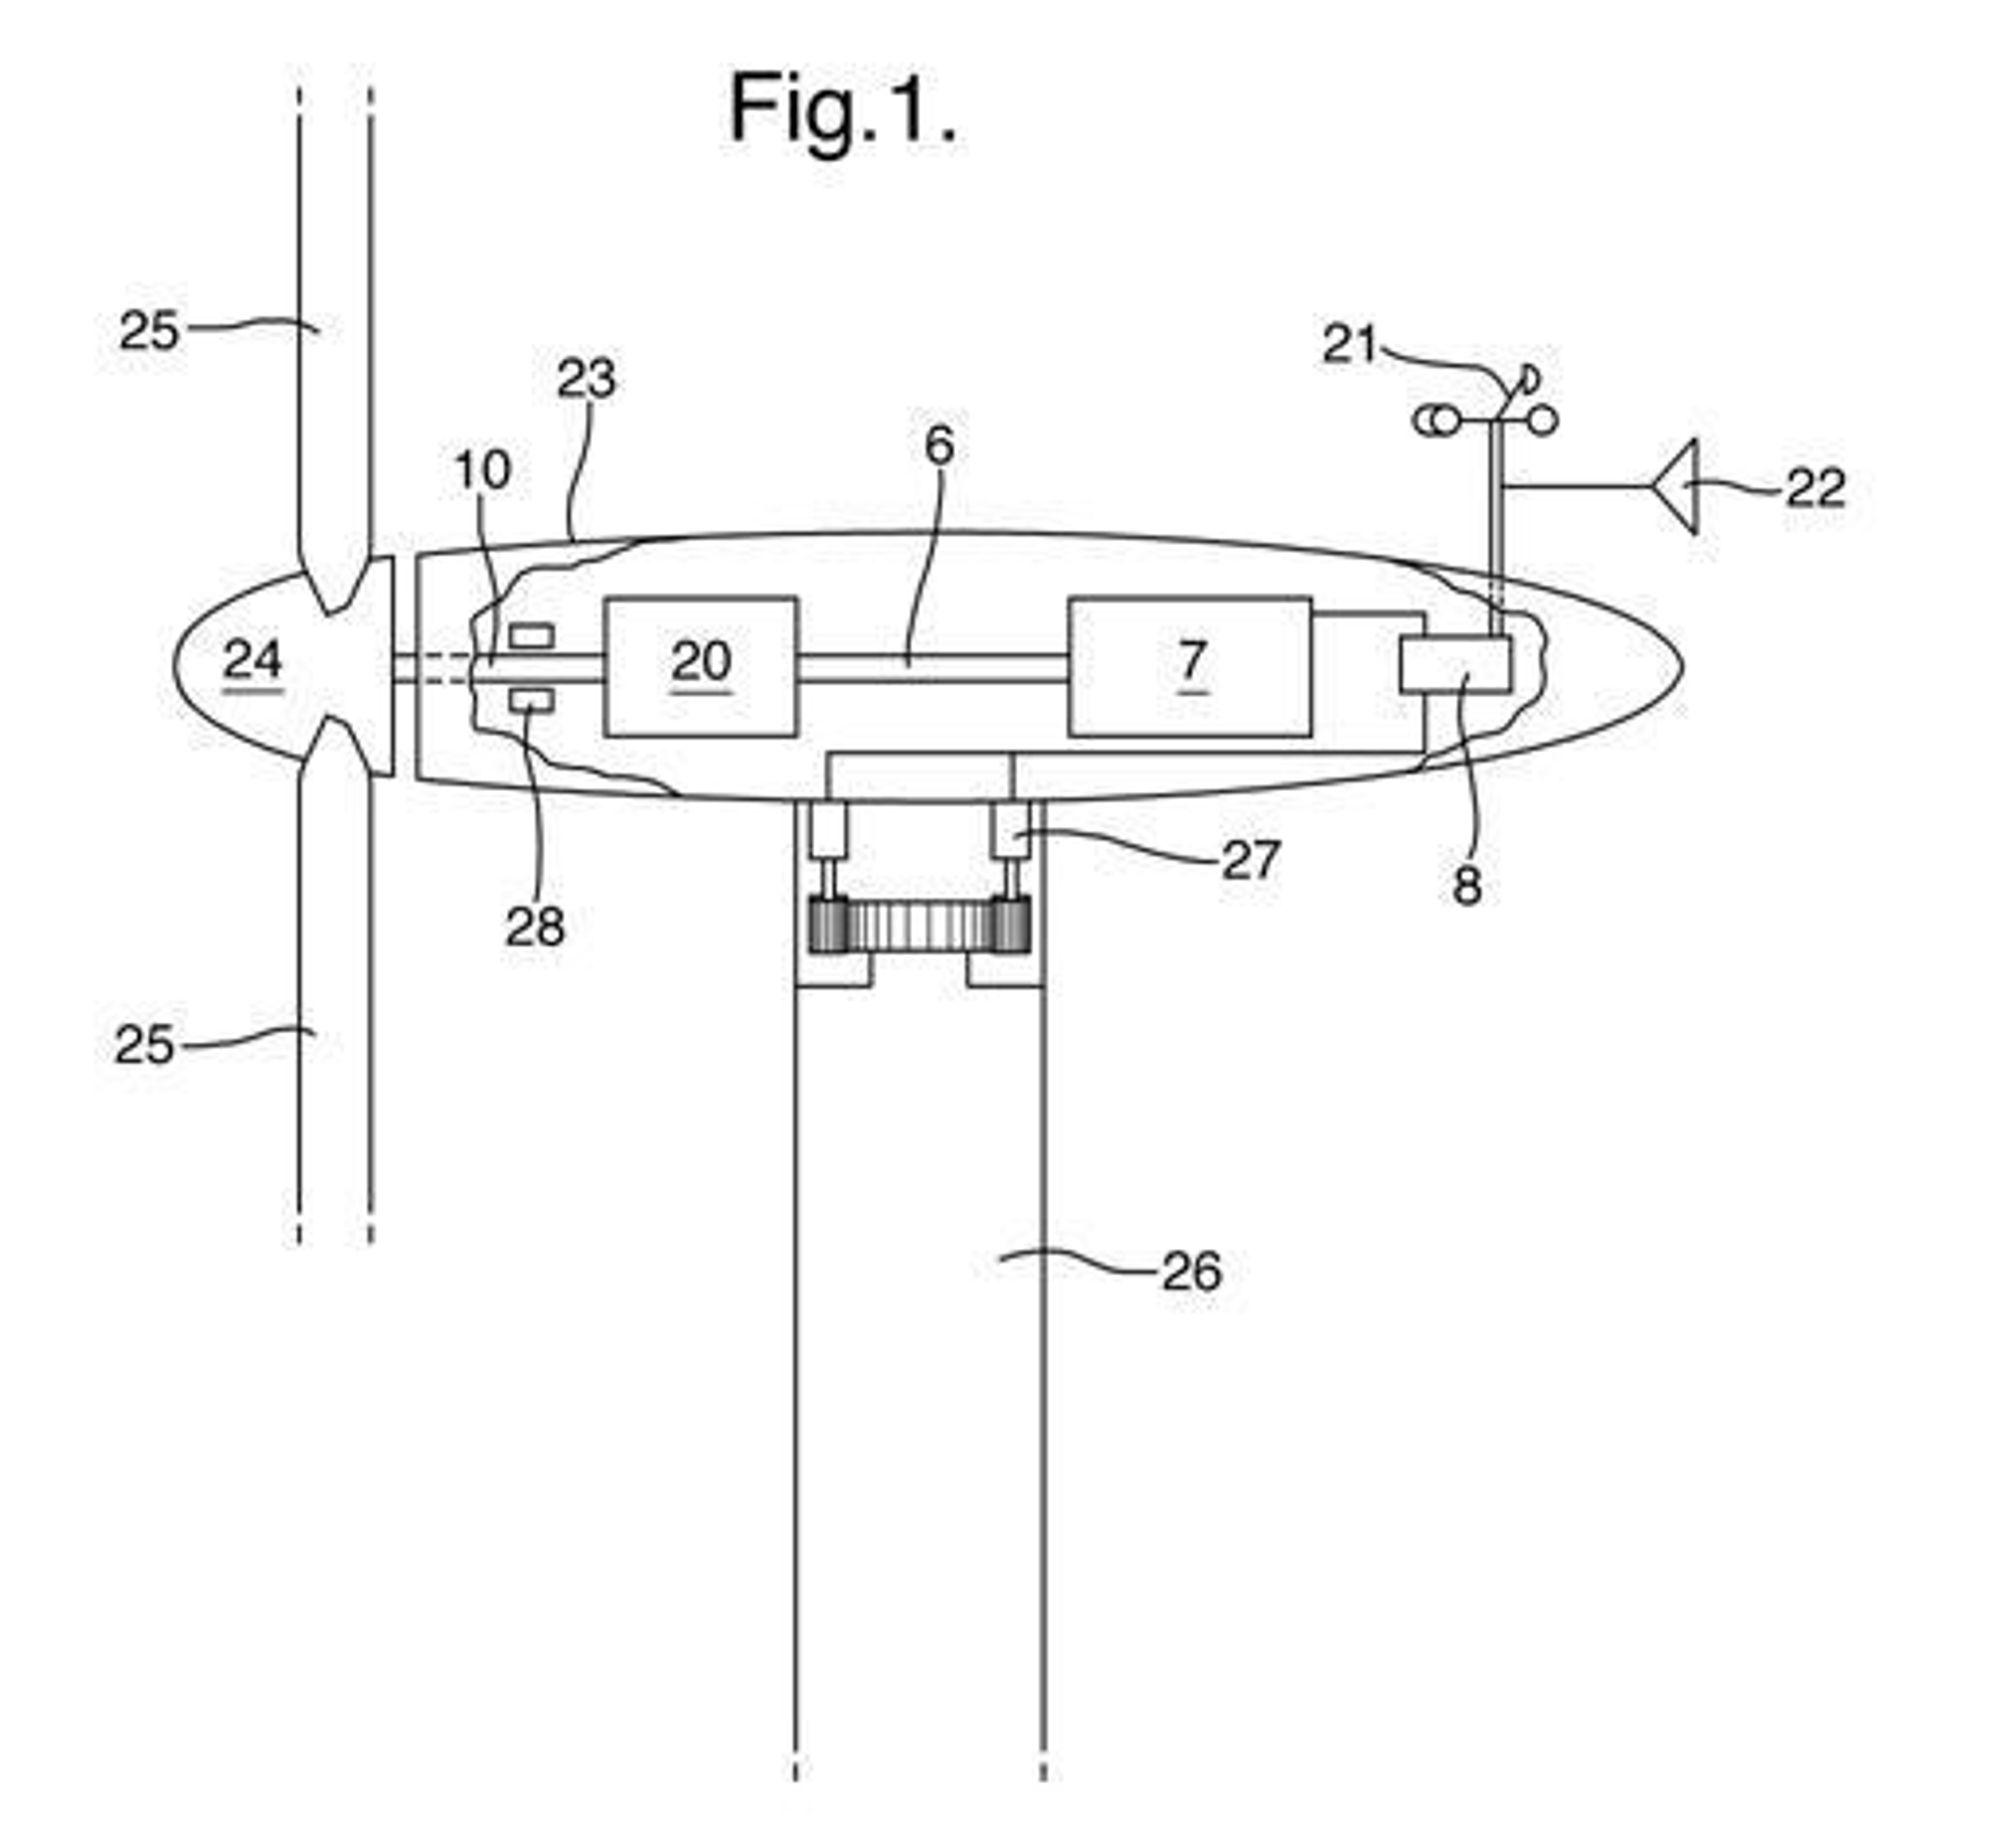 tegning fra Gunnar Myhrs patentsøknad innen vindkraft